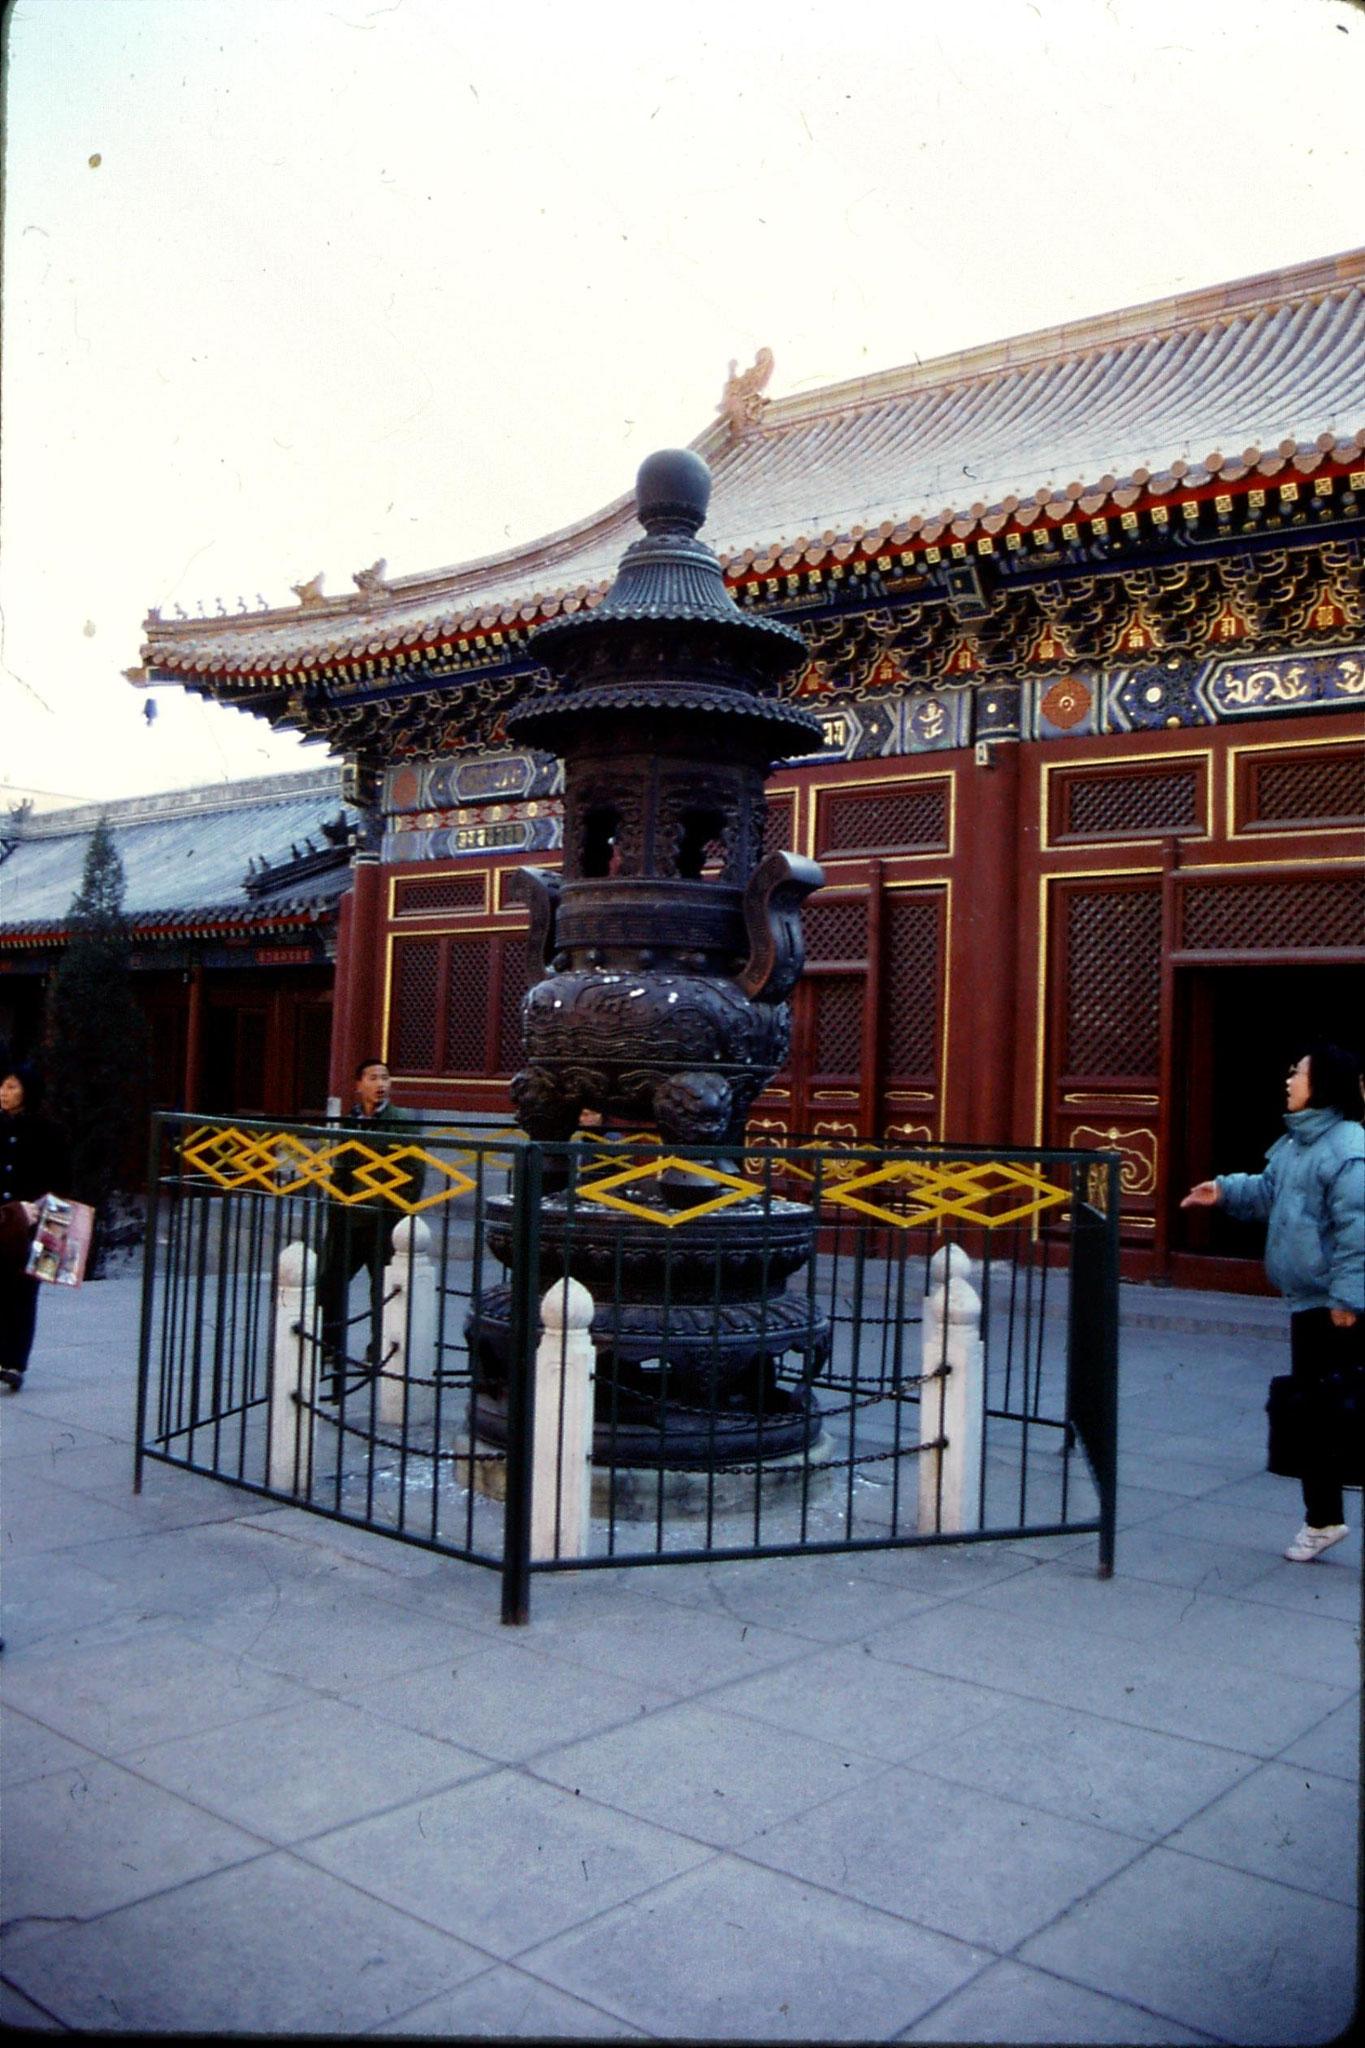 4/12/1988: 4: Beijing Yong He temple